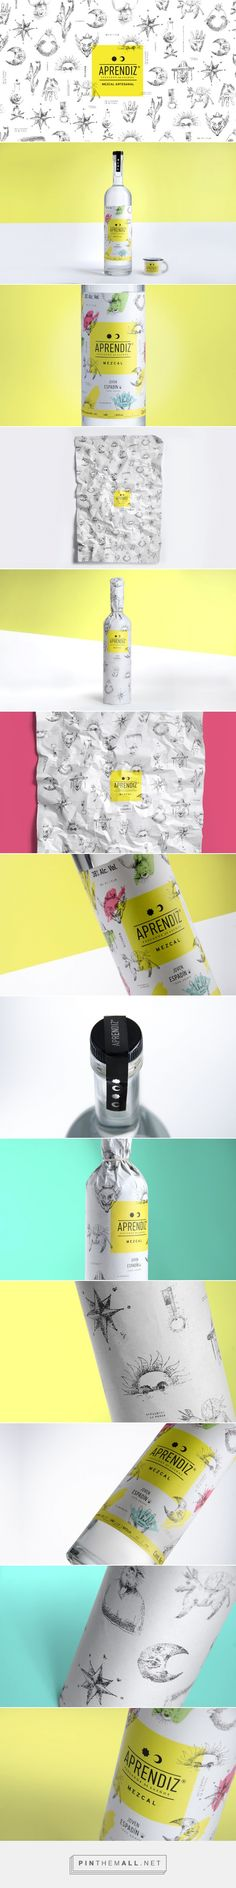 APRENDIZ Mezcal packaging designed by TORO PINTO - http://www.packagingoftheworld.com/2015/09/aprendiz-mezcal.html